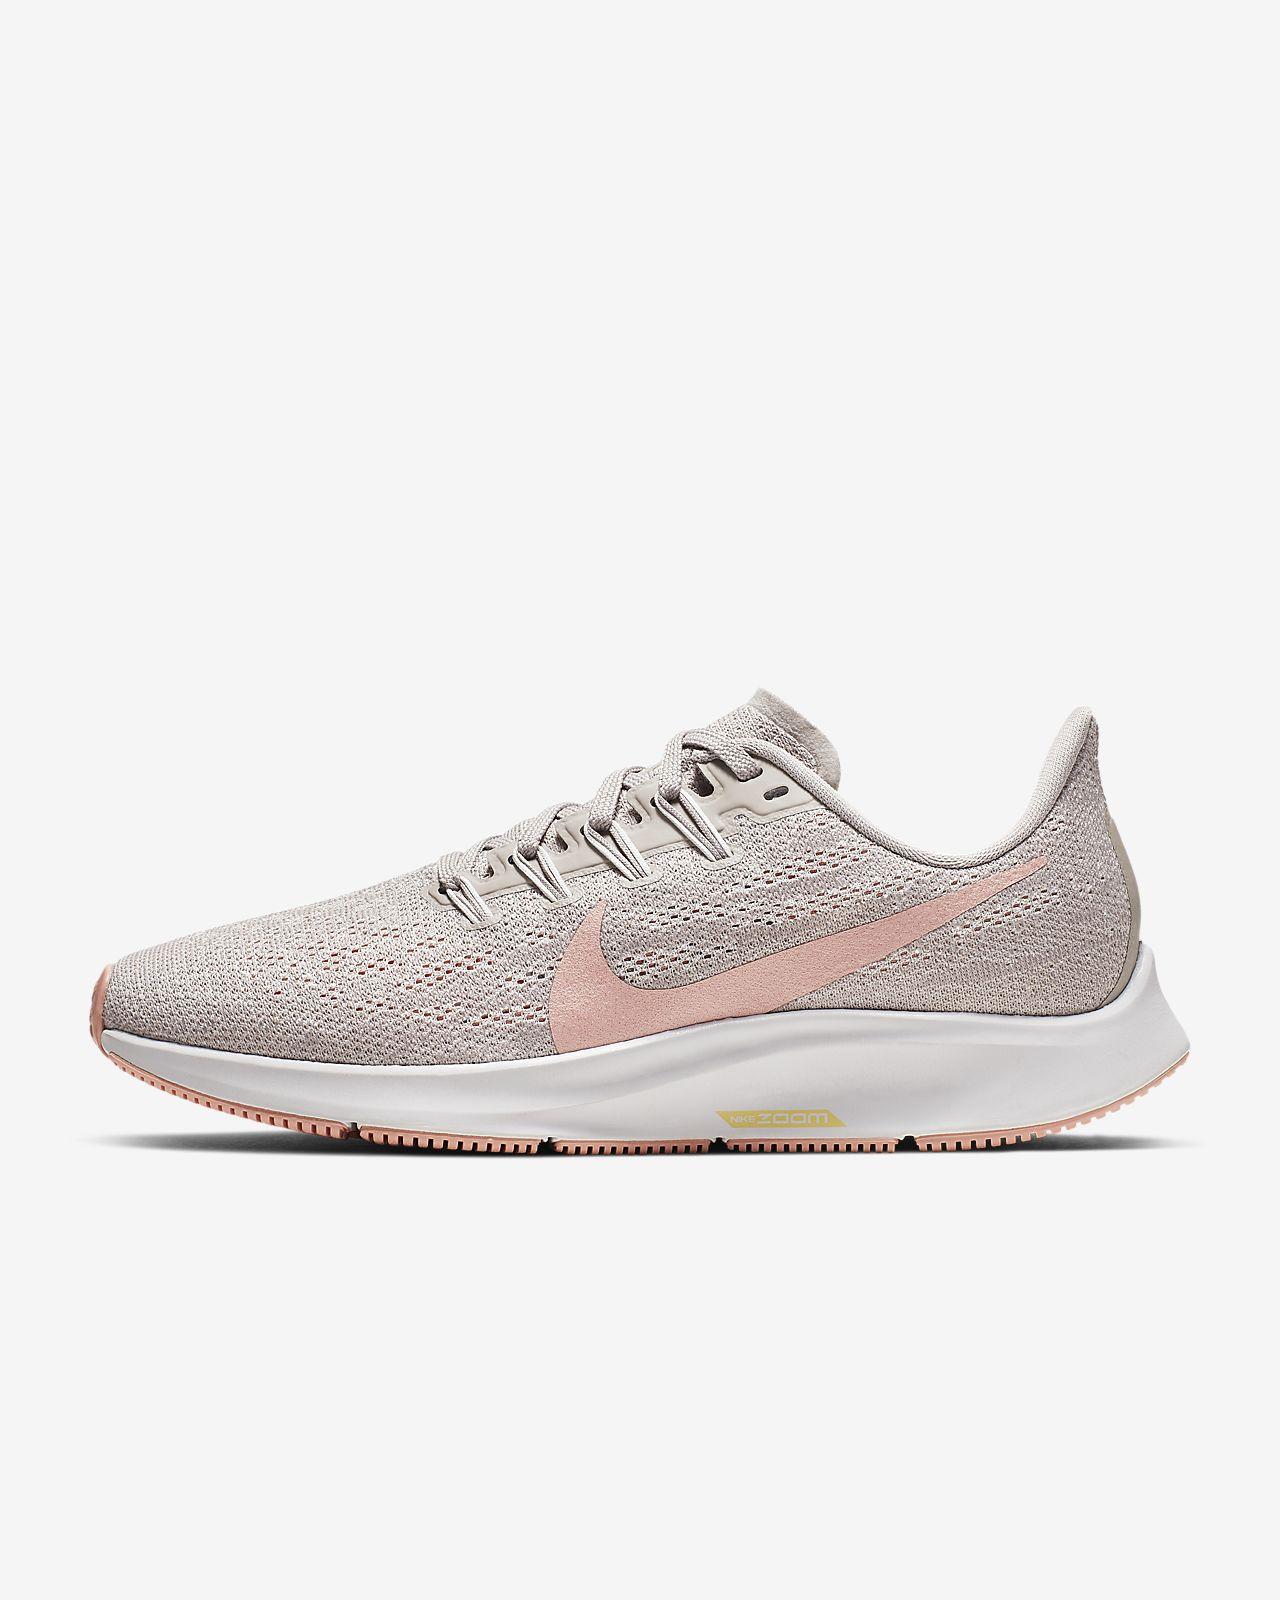 Calzado de running para mujer Nike Air Zoom Pegasus 36